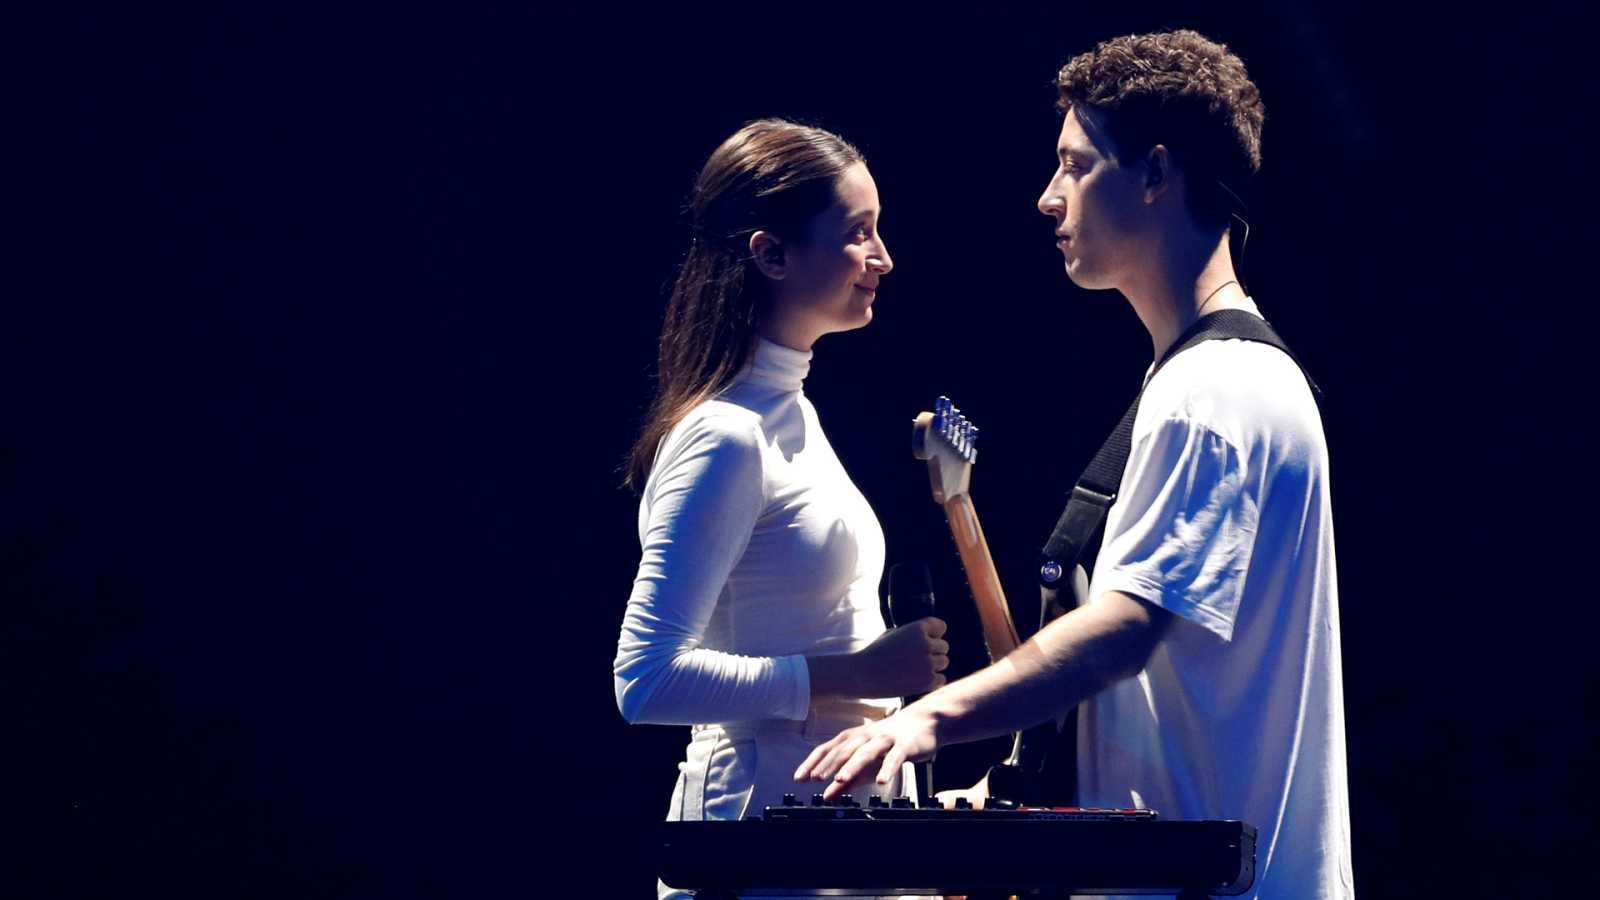 """Eurovisión 2019 - Eslovenia: Zala Kralj & Gasper Santl canta """"Sebi"""" en la primera semifinal"""